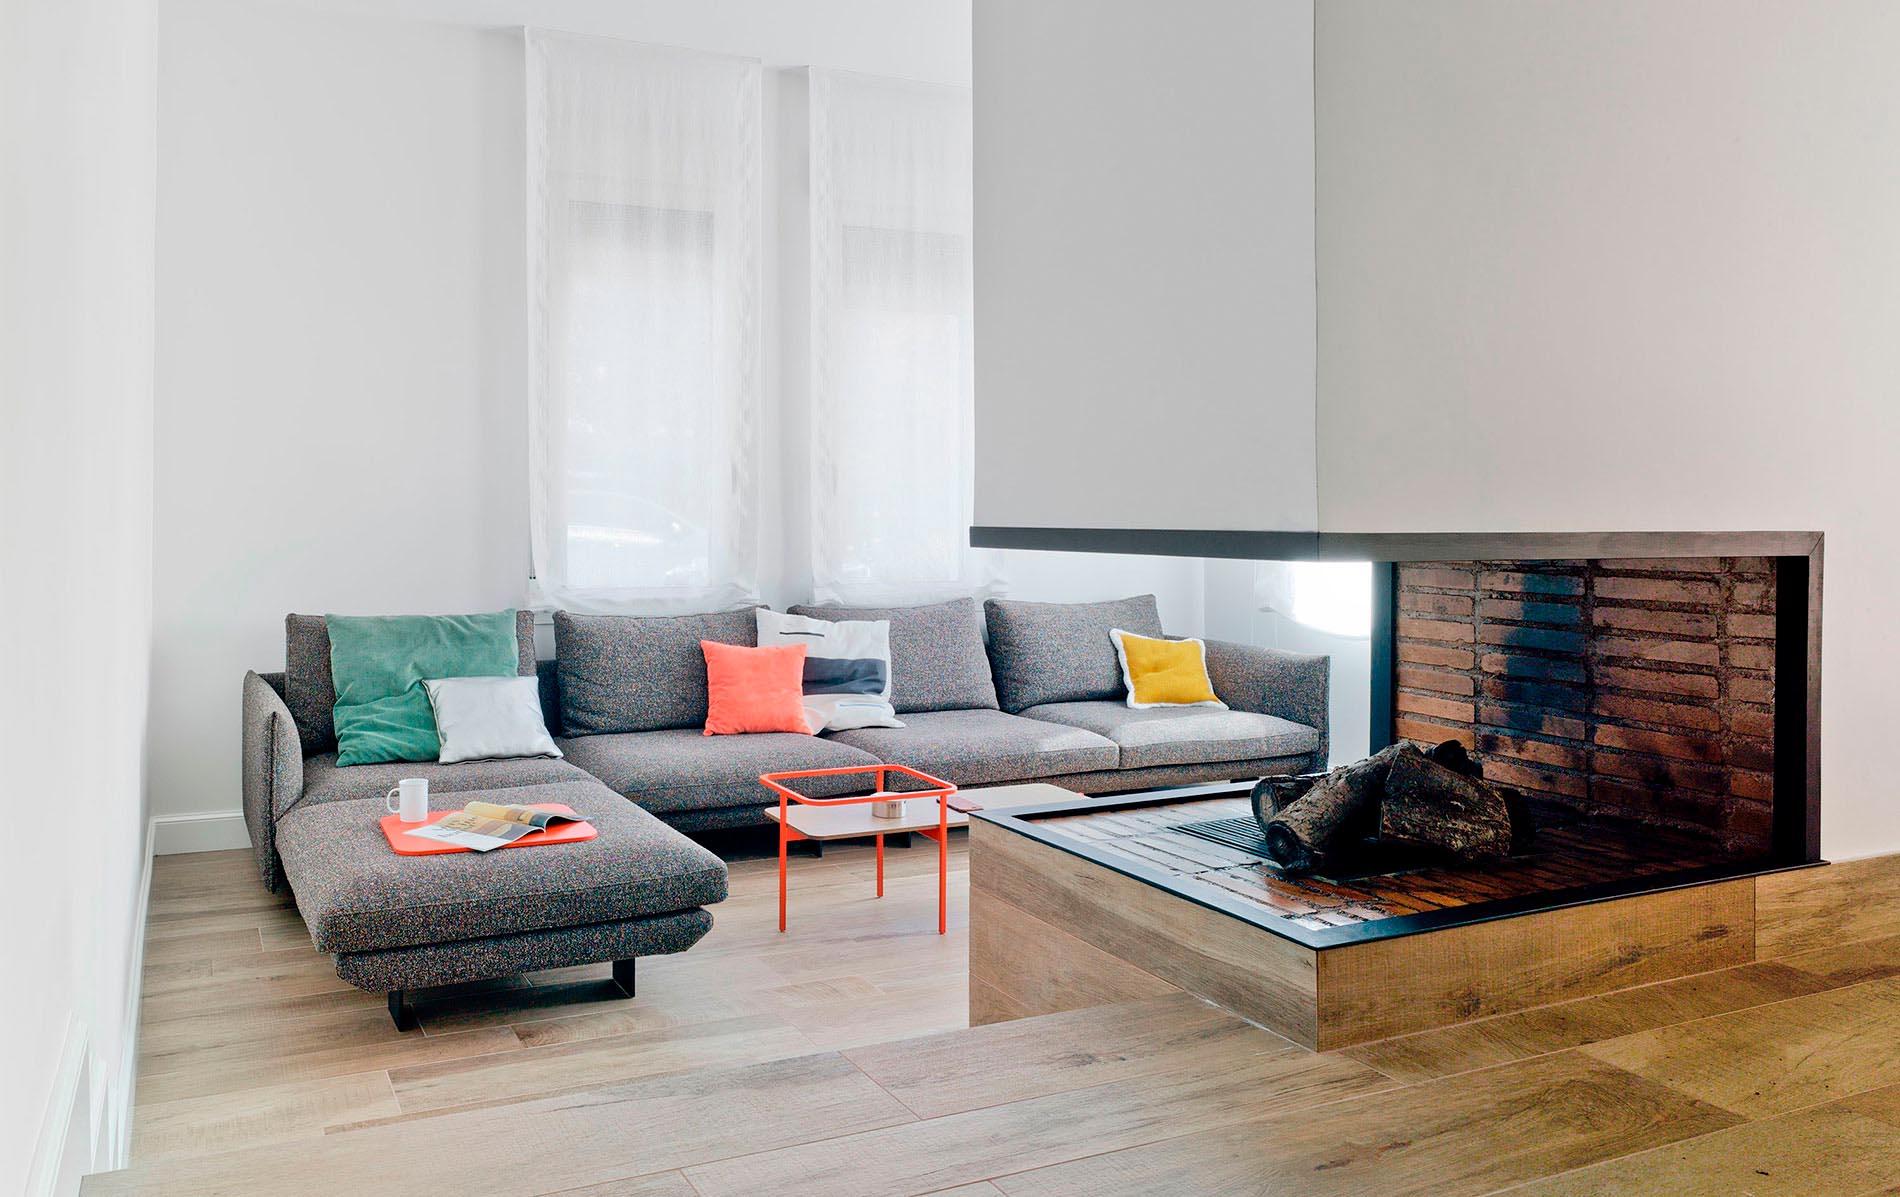 sofas hogar galeria1 - sofas y butacas